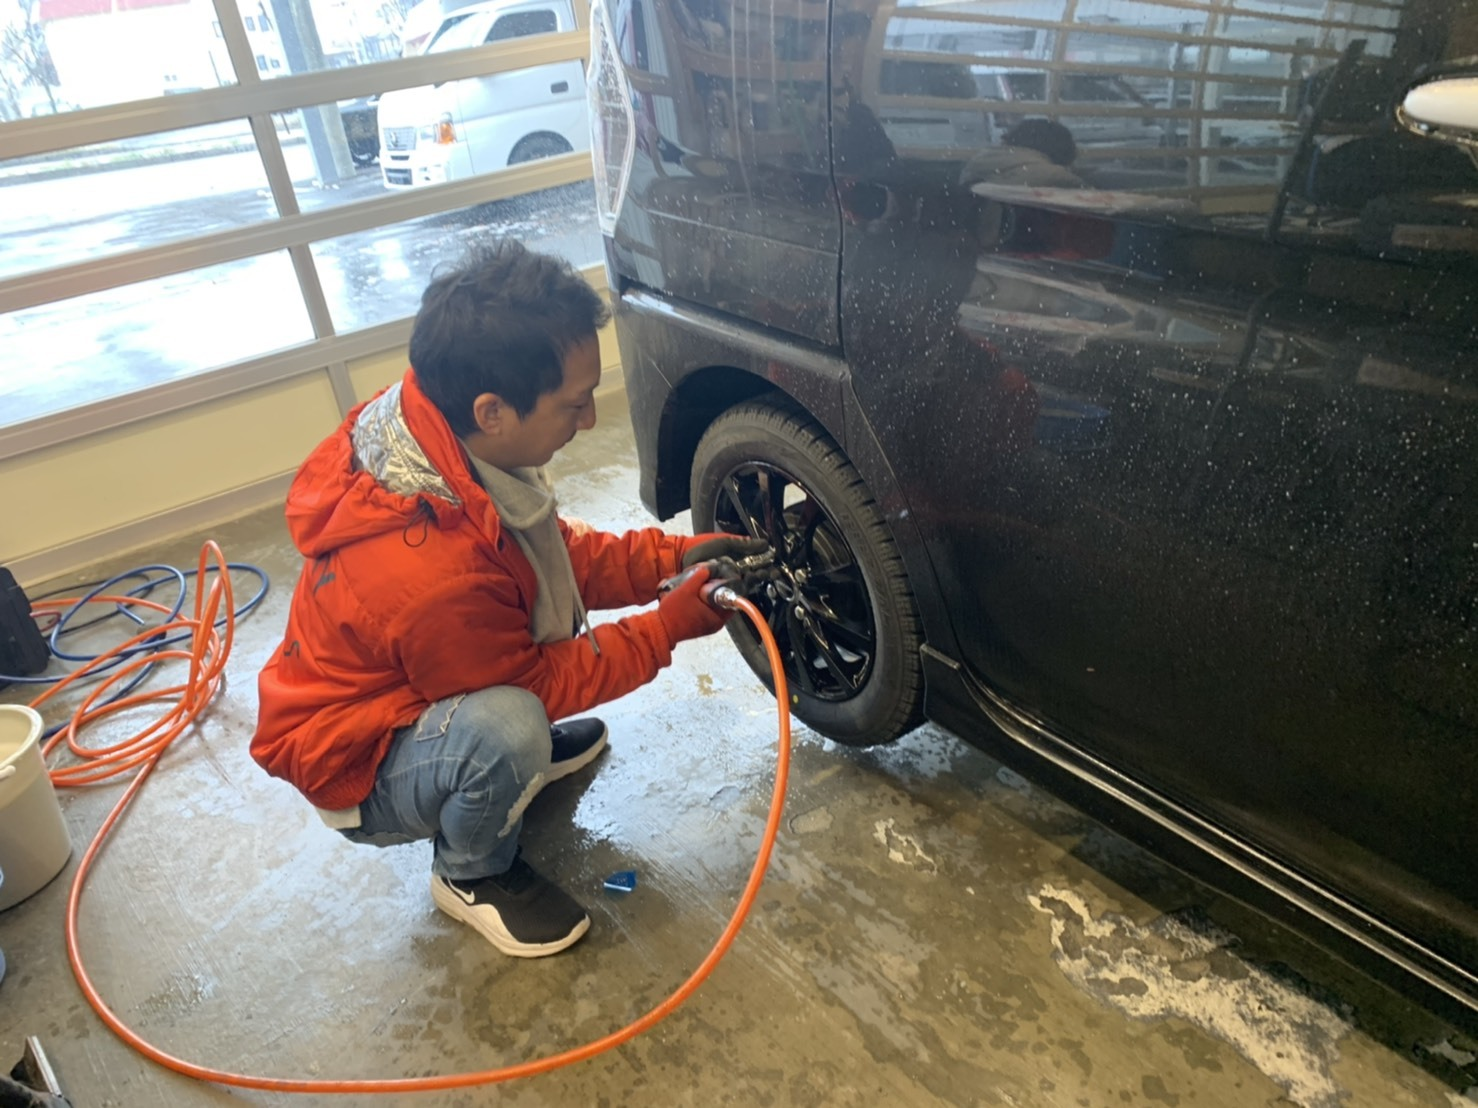 11月15日(金)アウディA6 T様納車✨ 除雪車あります✊ランクル エスカレード ヴェルファイア ♡TOMMY♡_b0127002_16562776.jpg